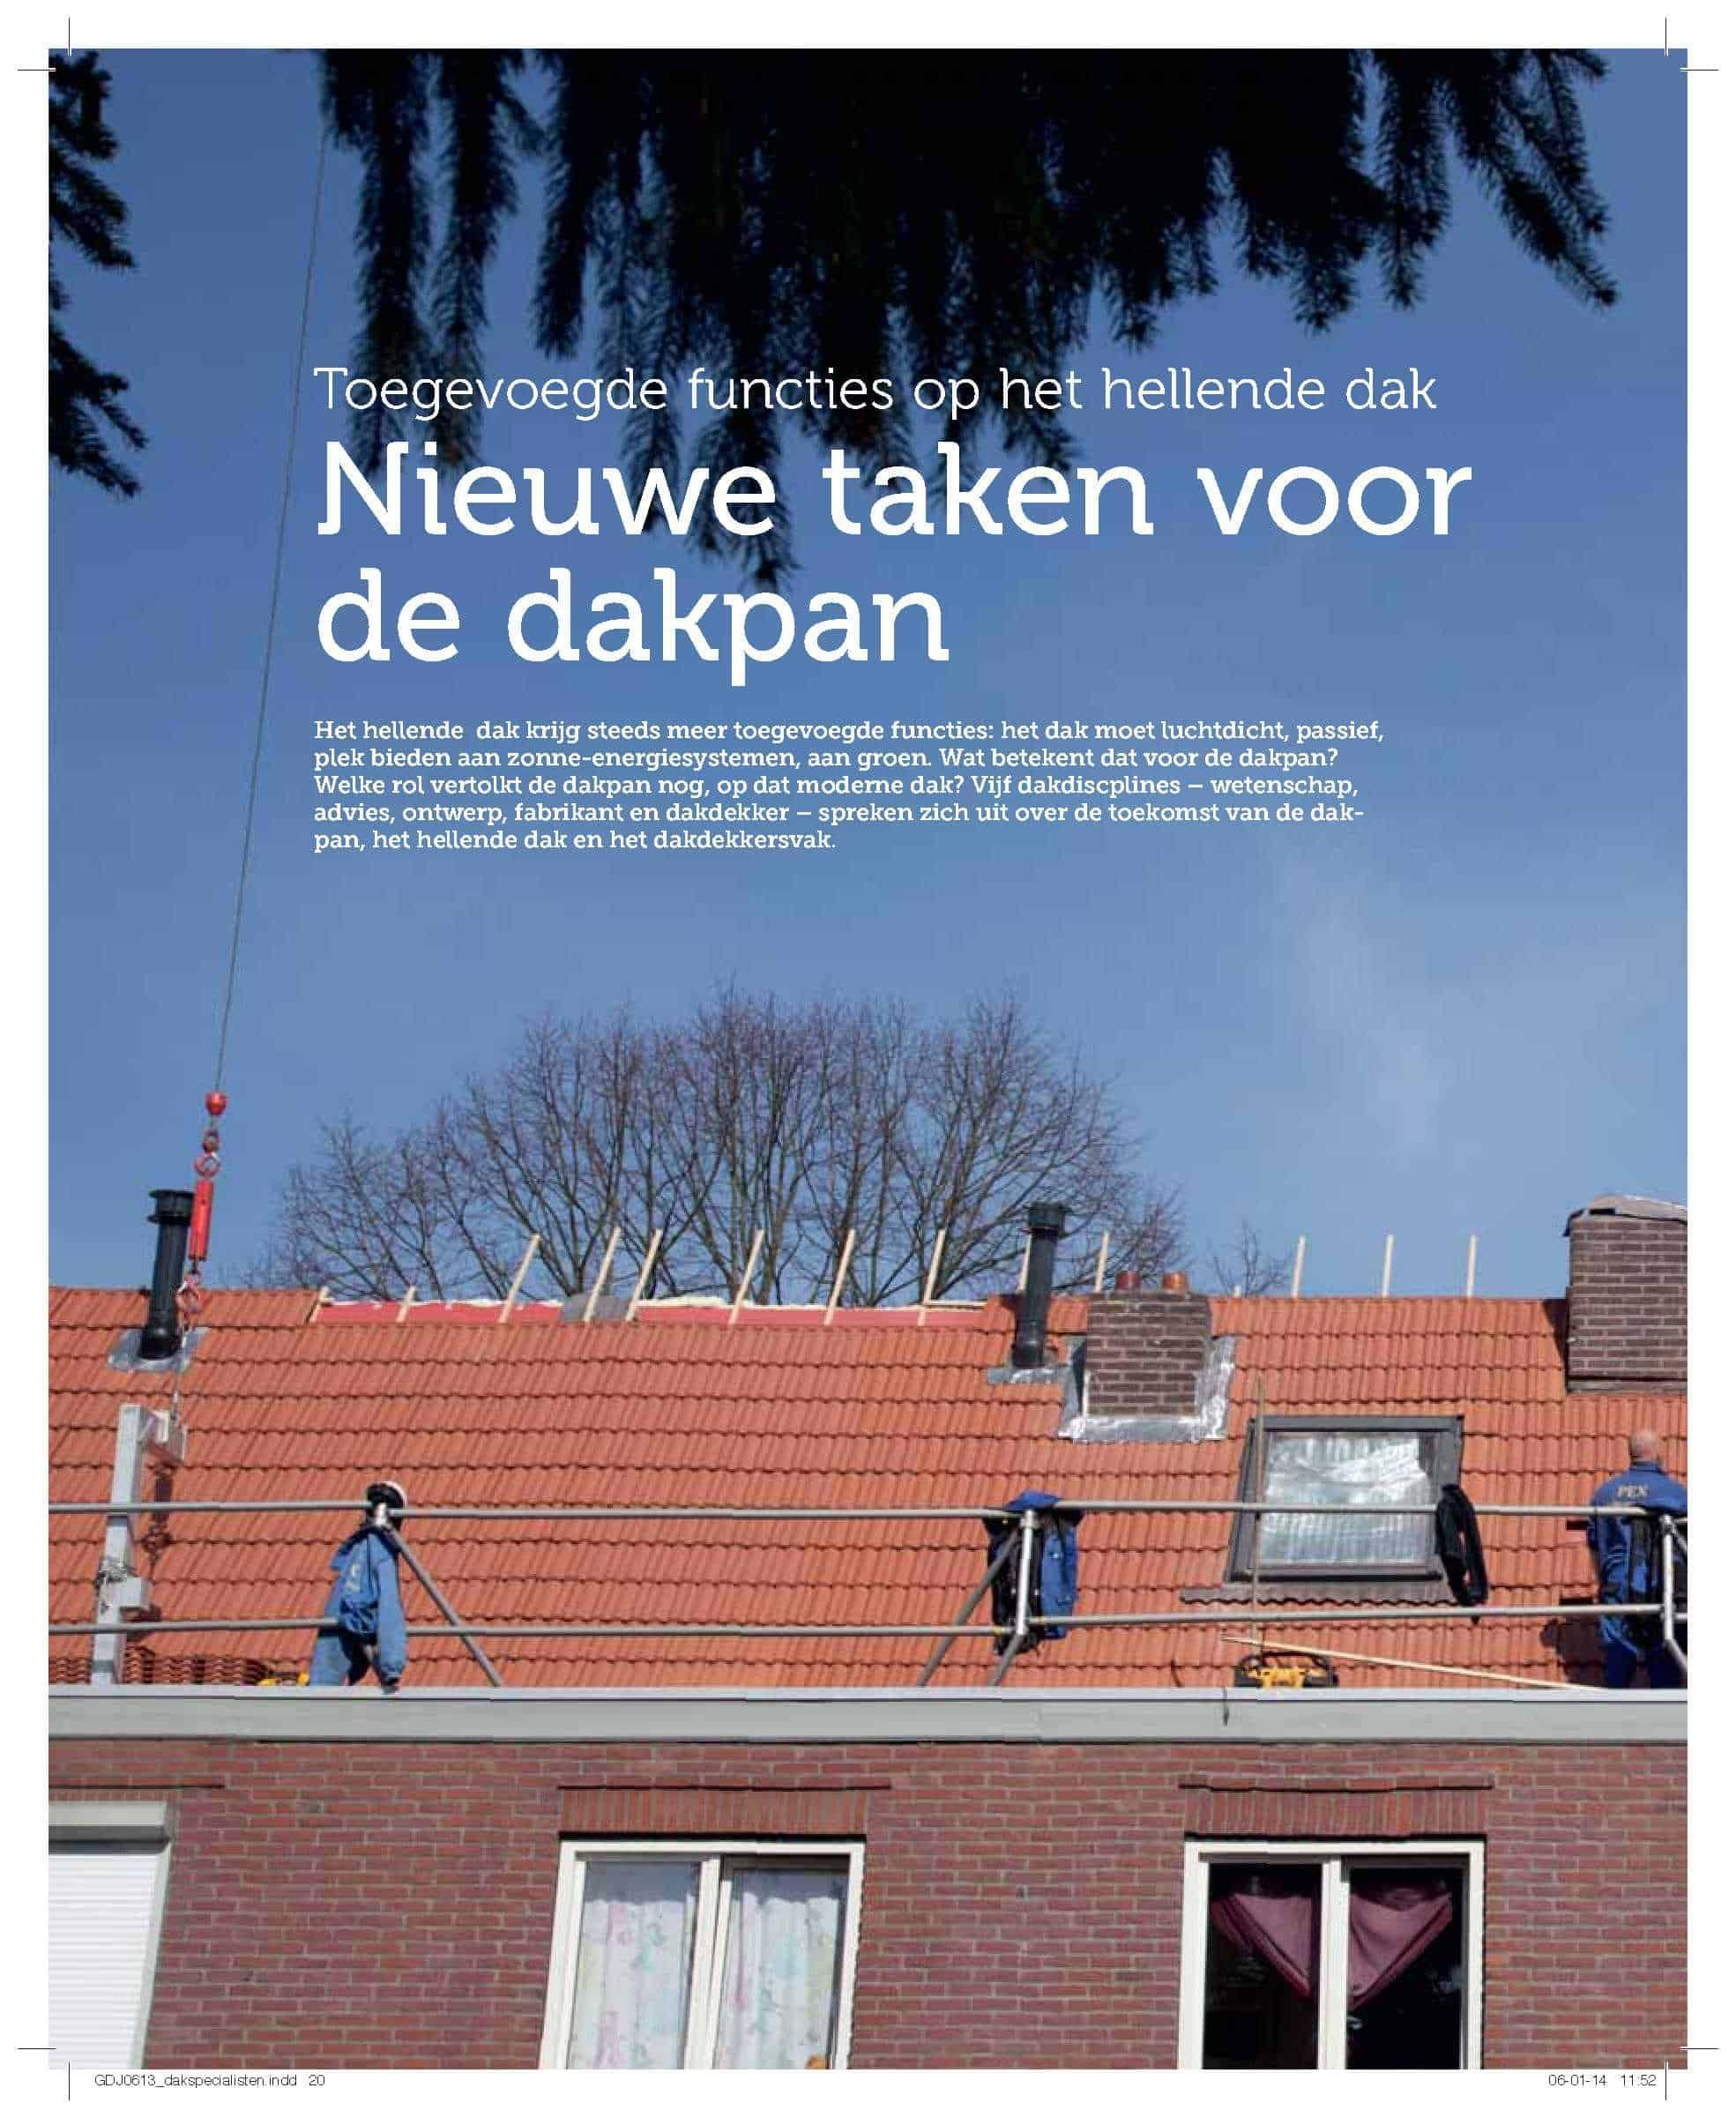 GevelDak_2013-6_Nieuwe-taken-voor-de-dakpan_1